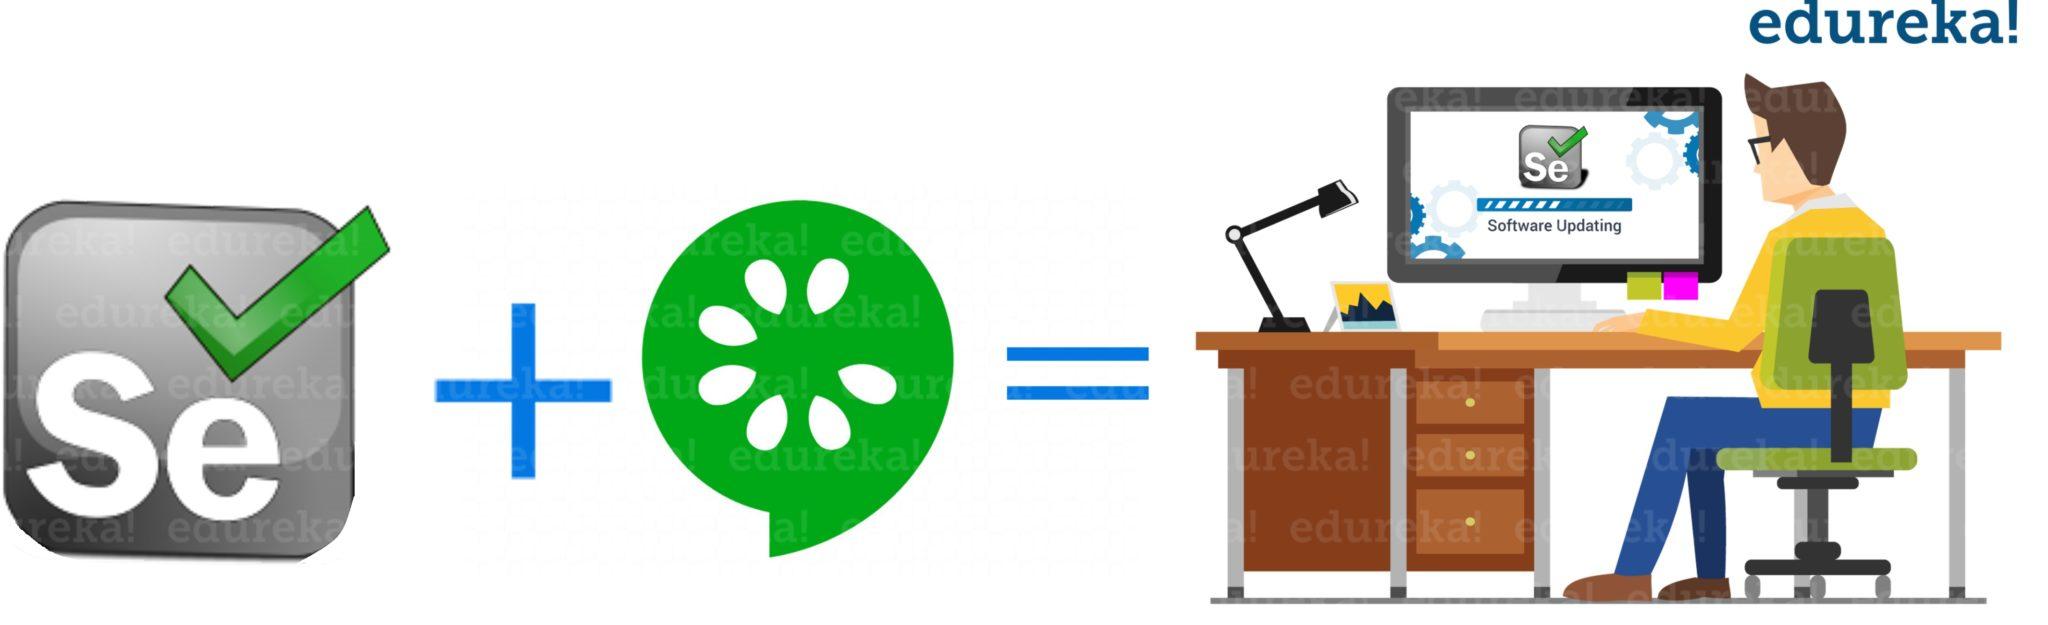 Why use cucumber with selenium - Cucumber Selenium Tutorial - Edureka